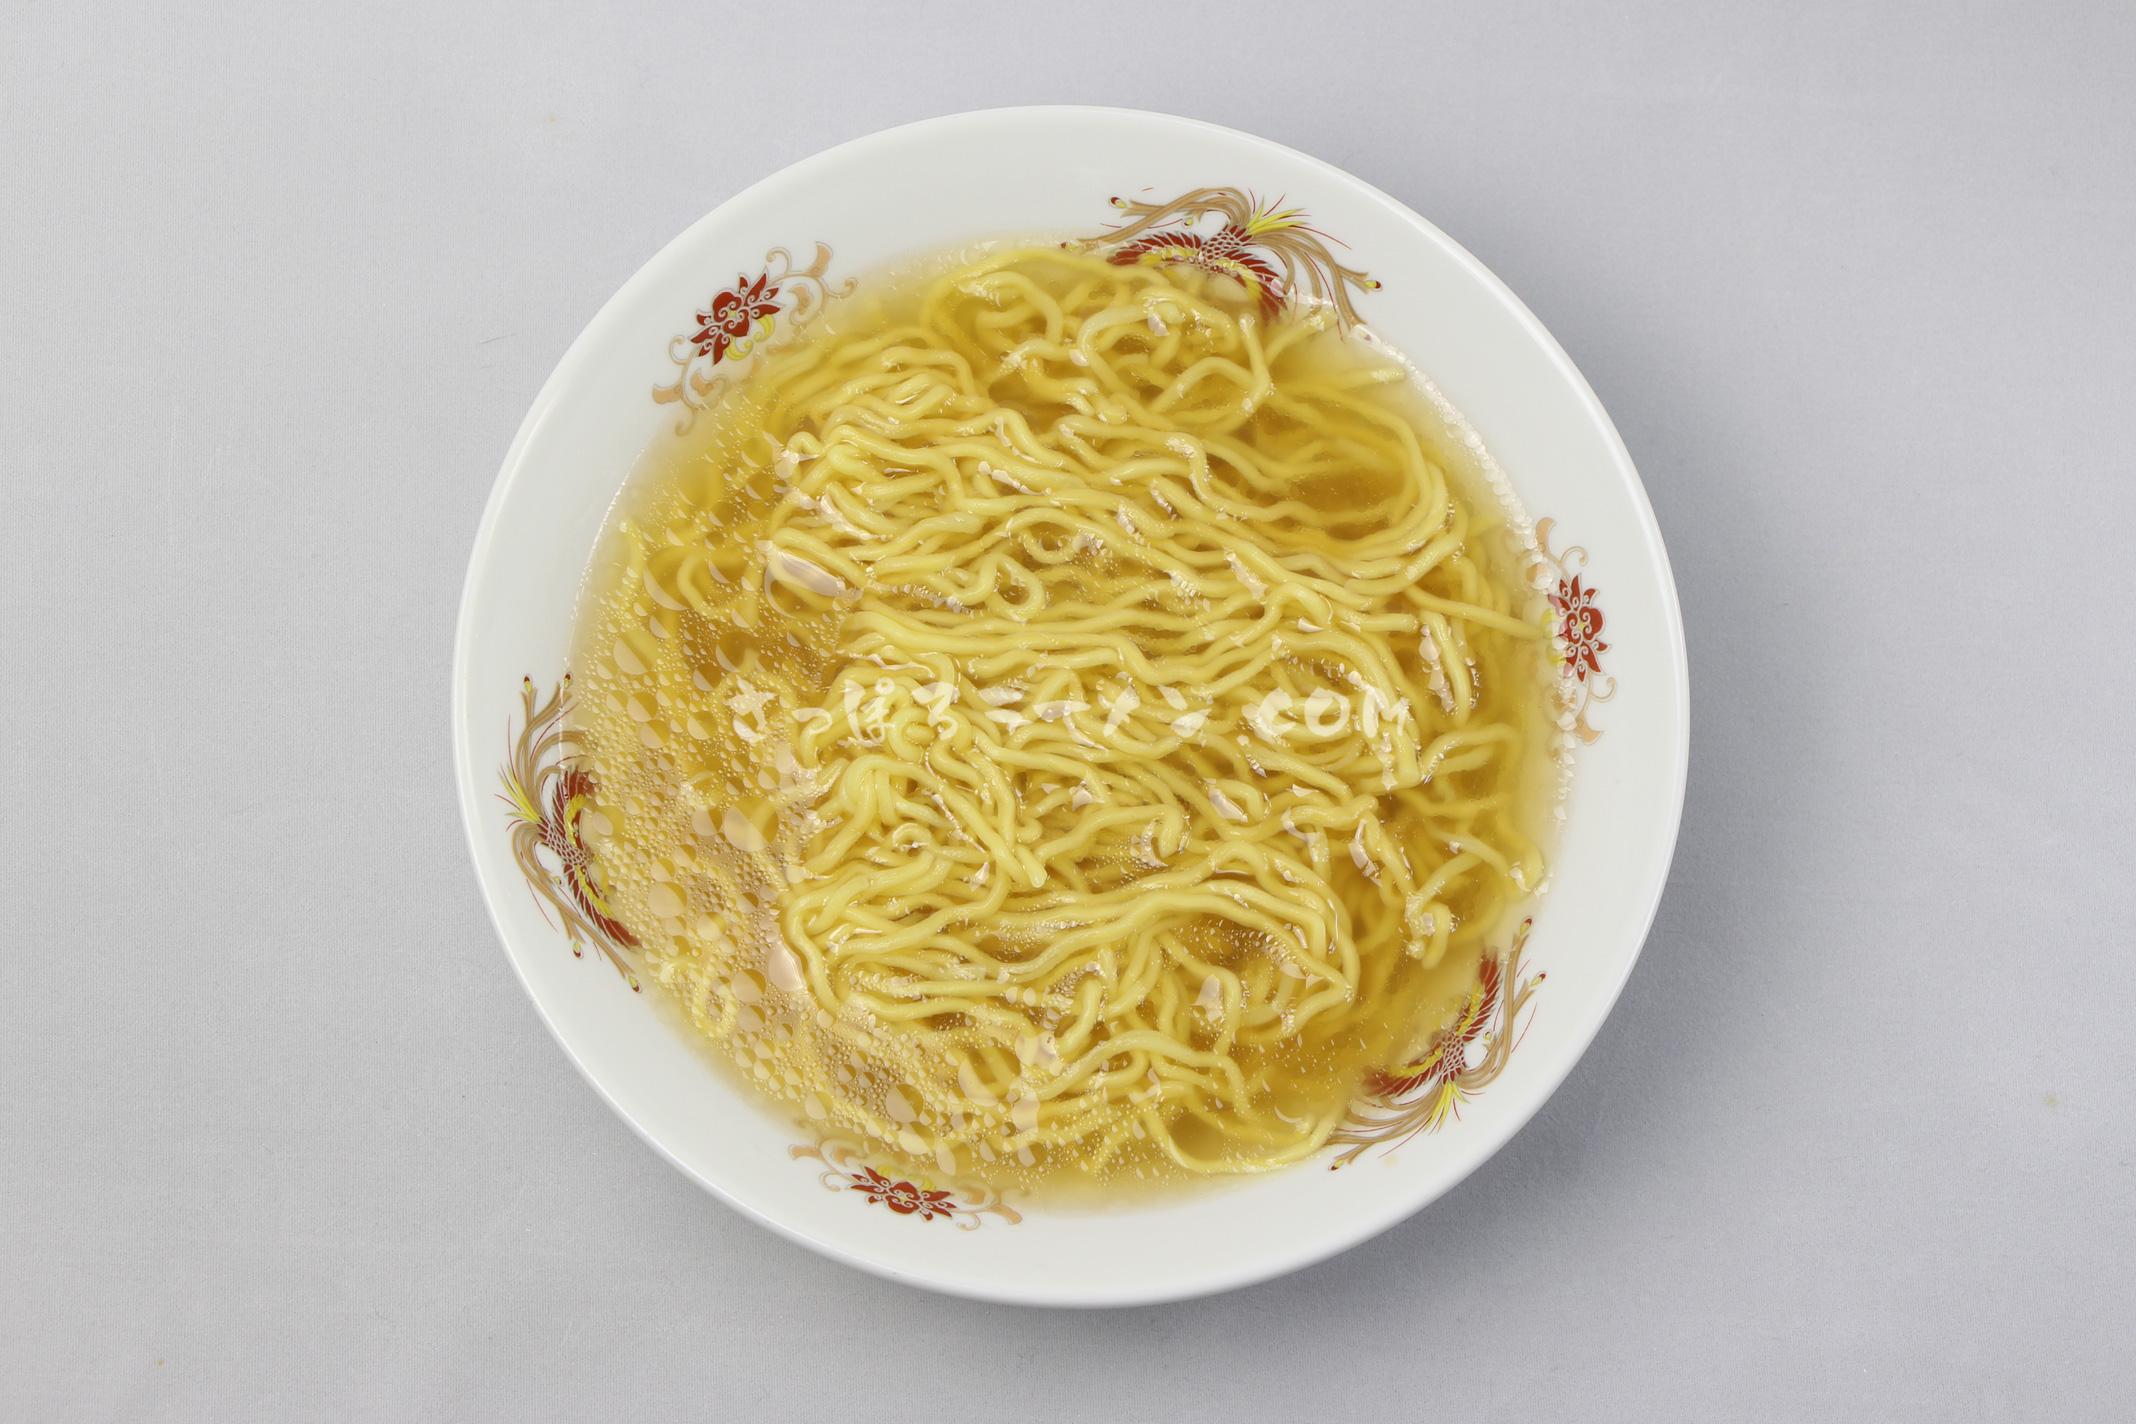 「札幌名産 西山ラーメン 乾燥 札幌 しお味(1食入)」(西山製麺)の完成画像